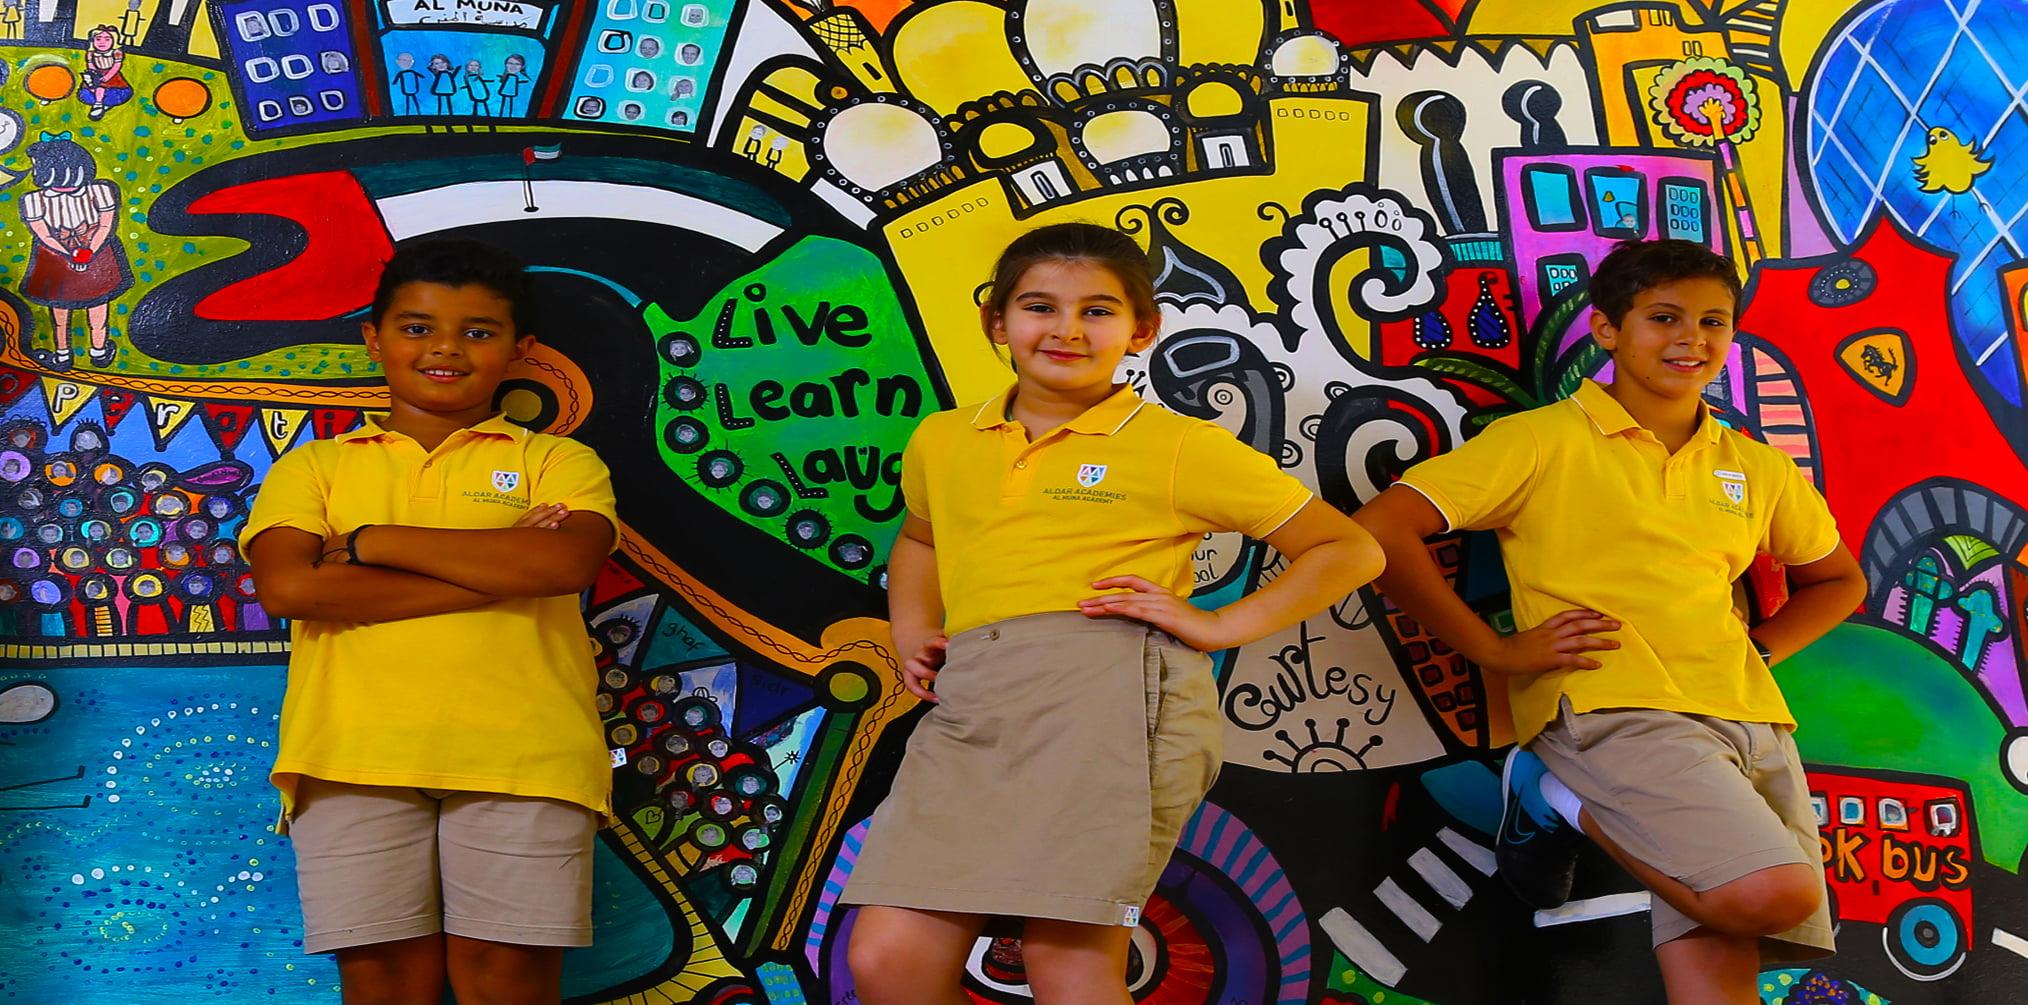 Ang mga bata sa Al Muna Primary School sa Abu Dhabi ay buong kapurihan na nakatayo sa harap ng isang pader ng graffiti na kanilang nilikha